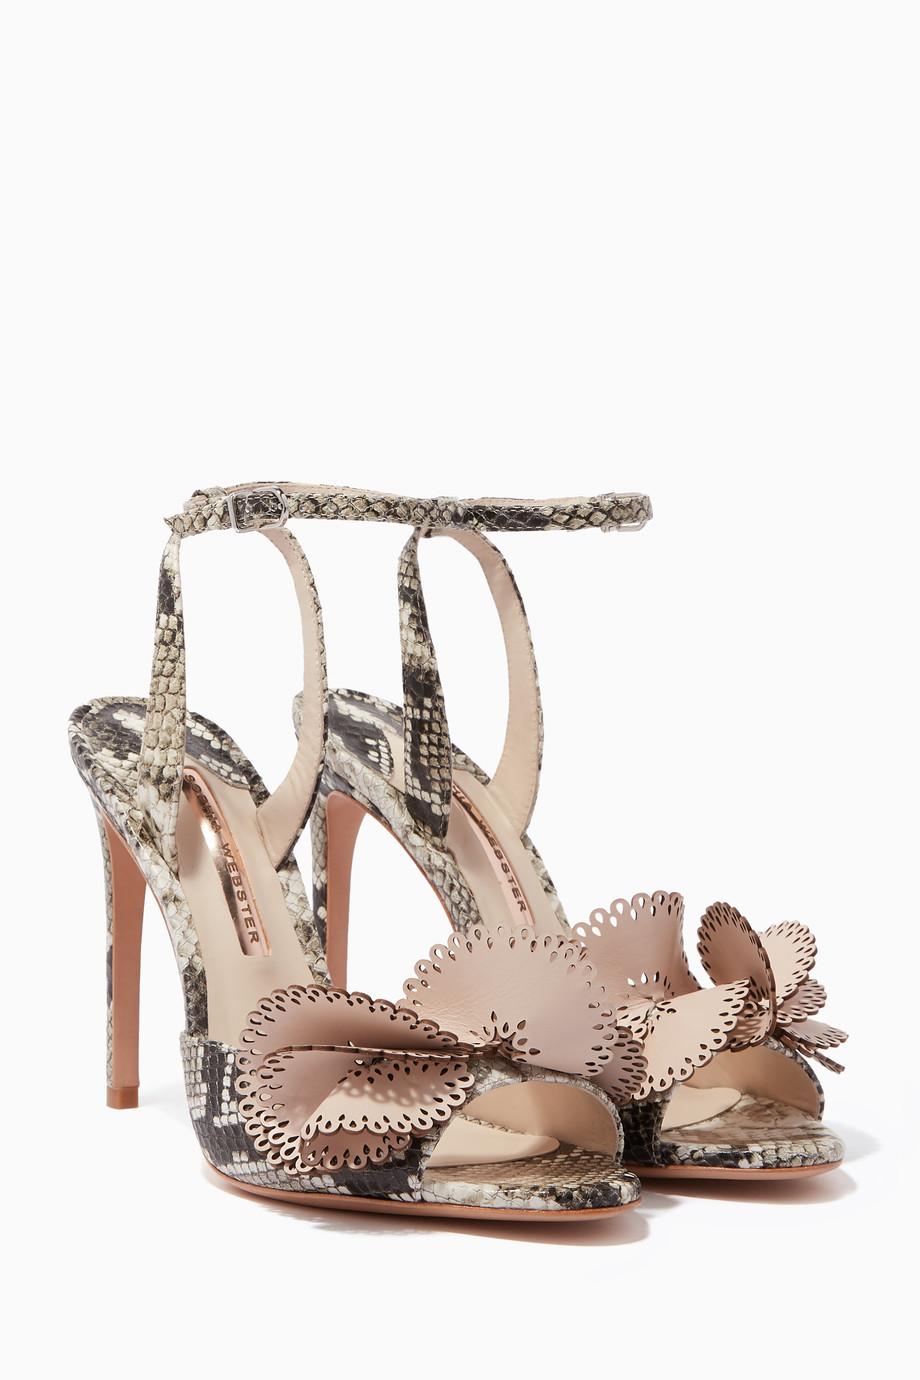 c934ee37f Shop Sophia Webster Neutral Beige Snake-Print Soleil Sandals for ...